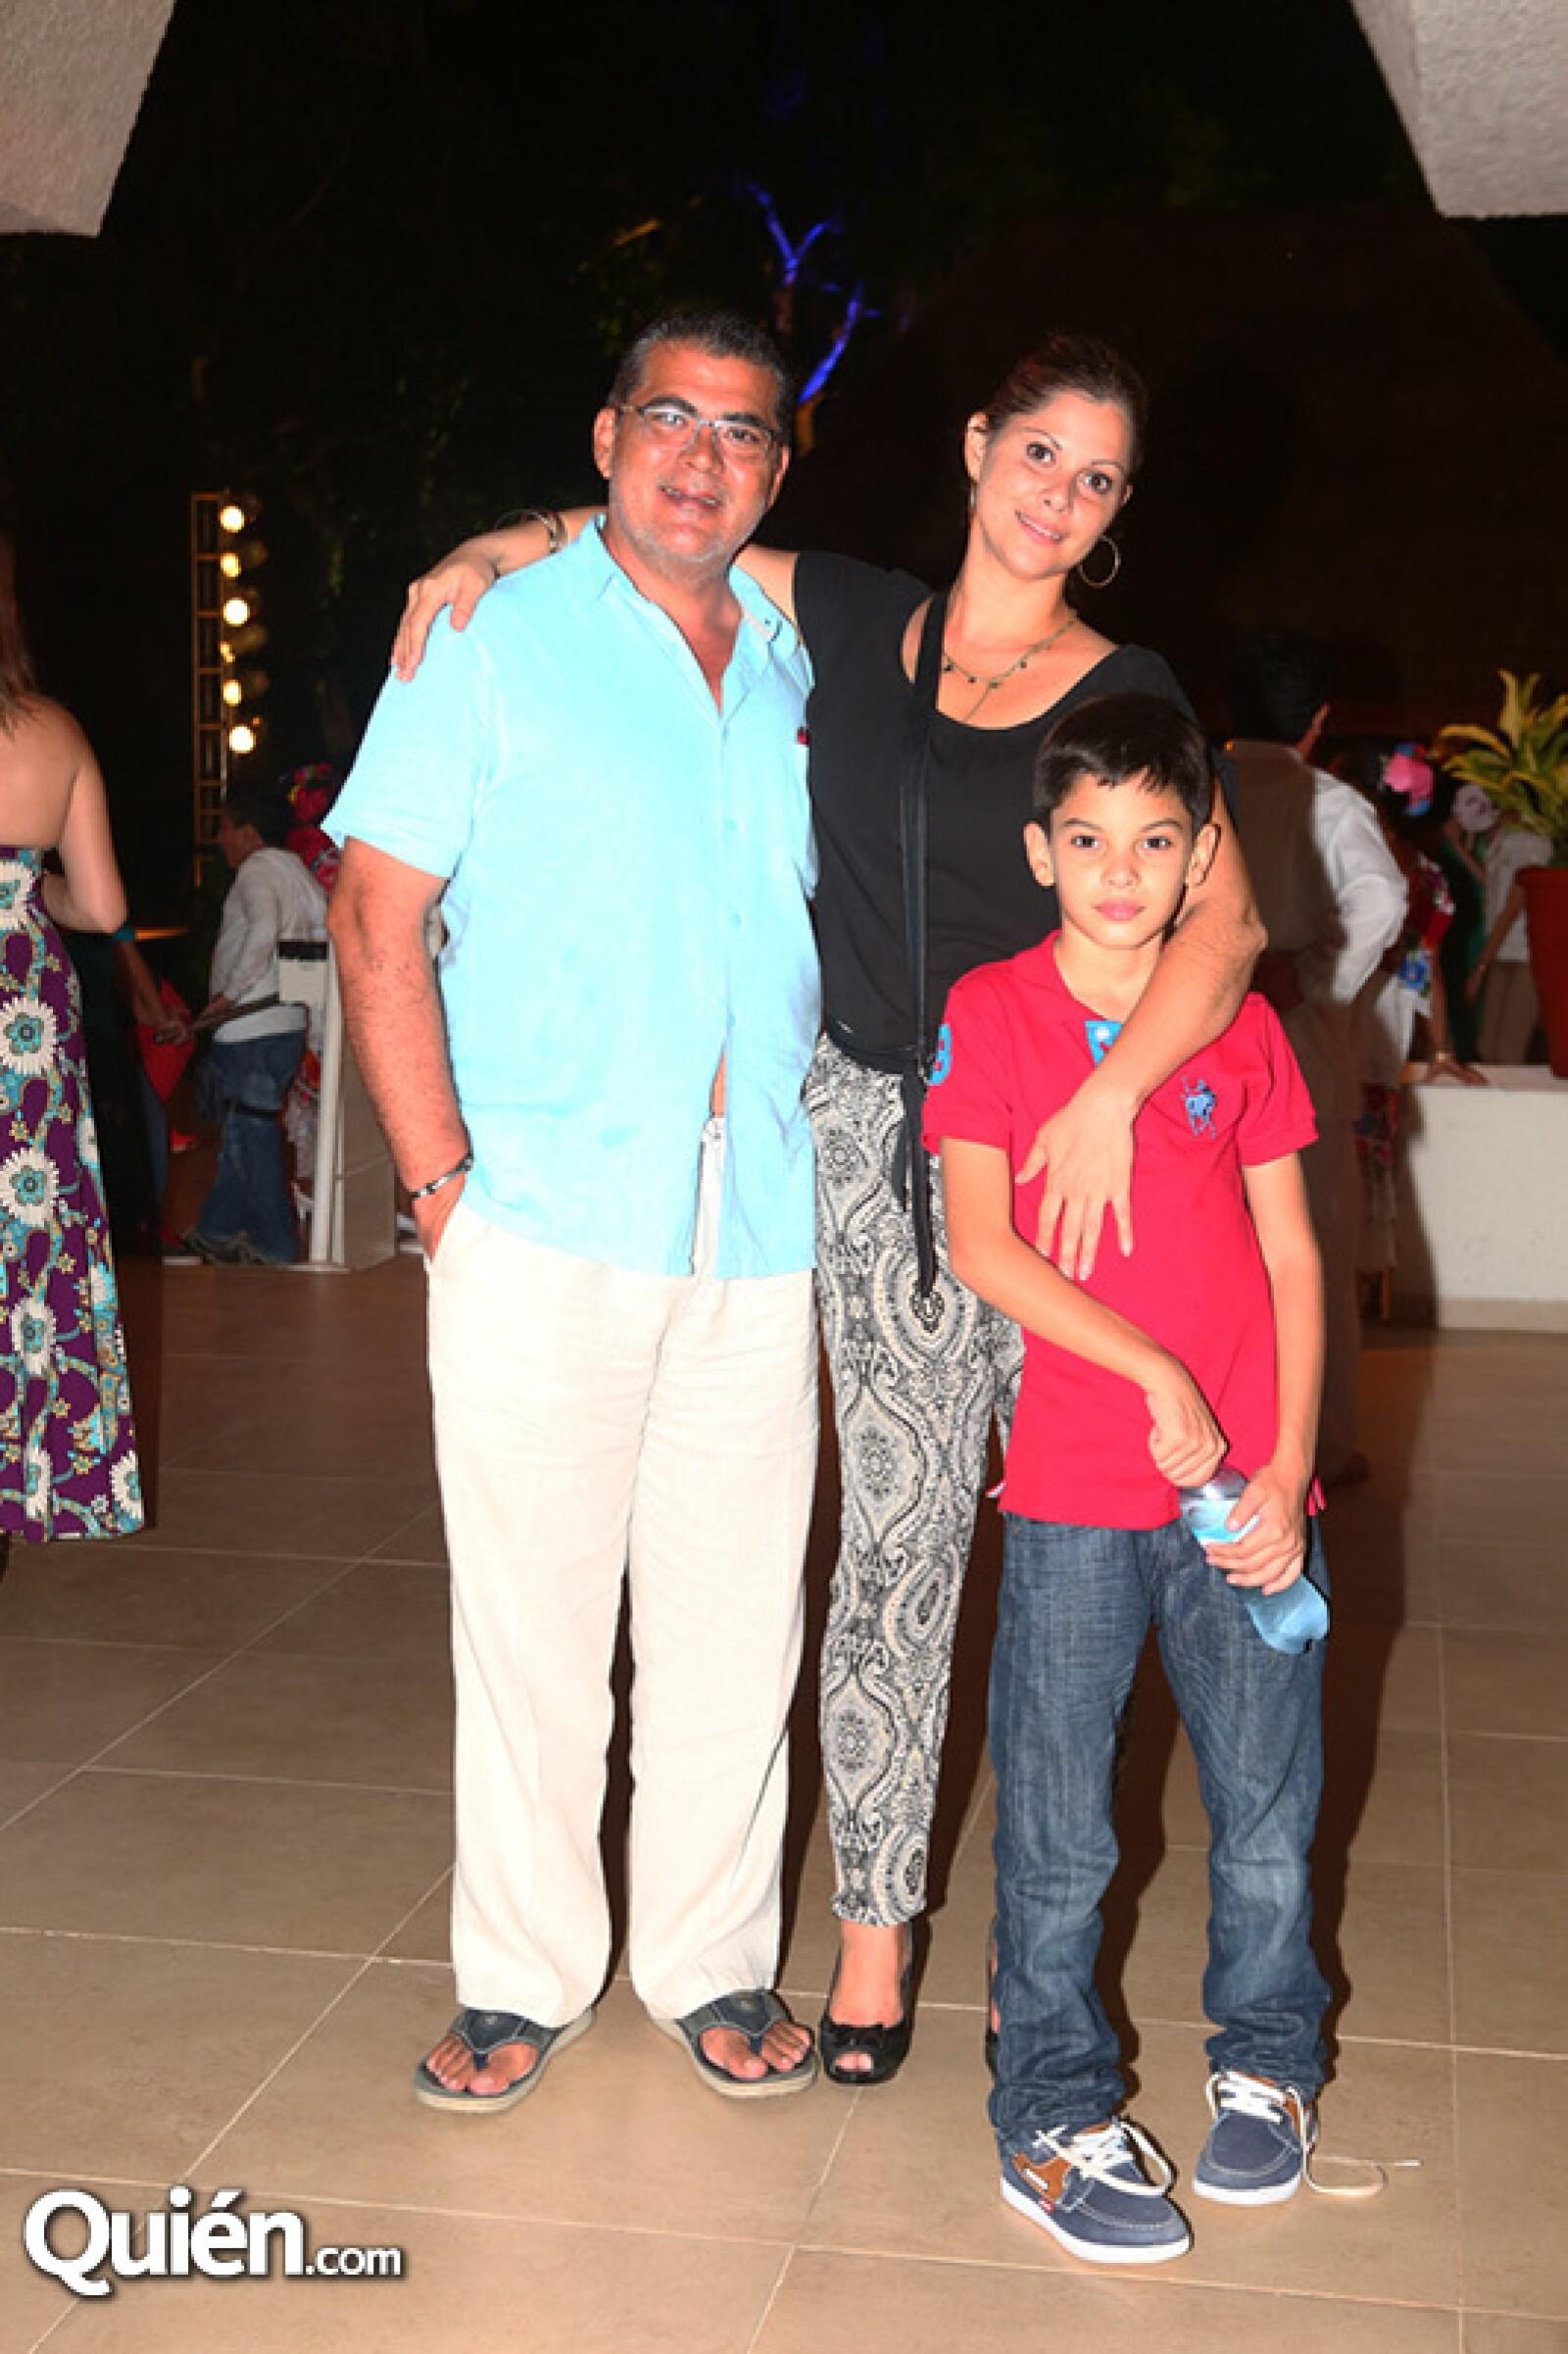 David Campos, Suyen Parra y David Campos